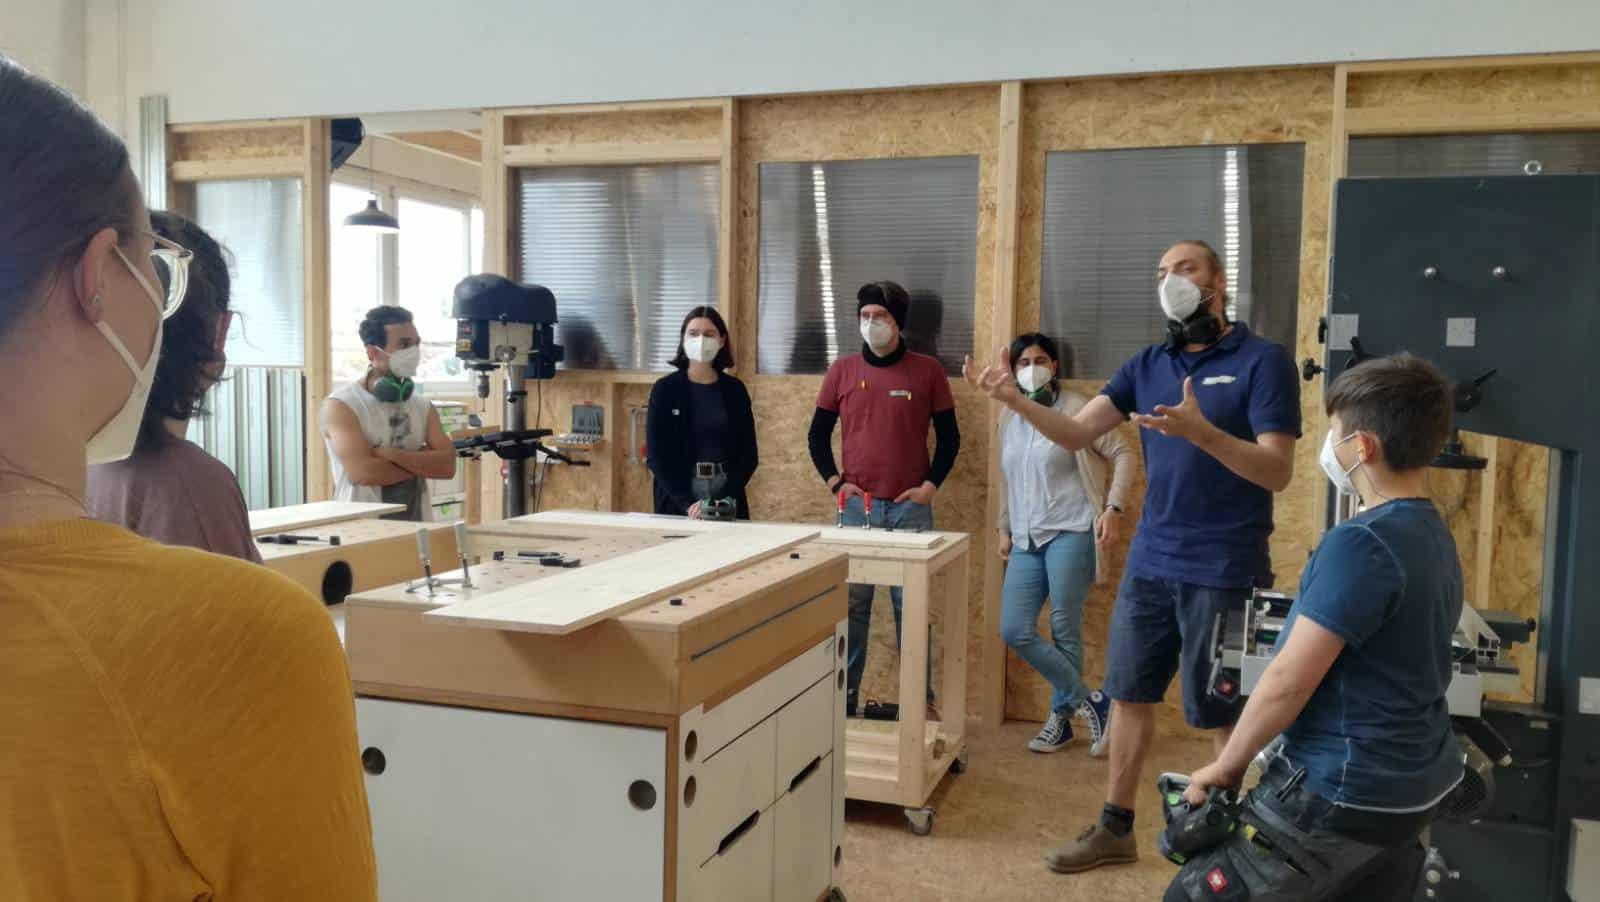 Ein Tag im Werksalon Co-Making Space